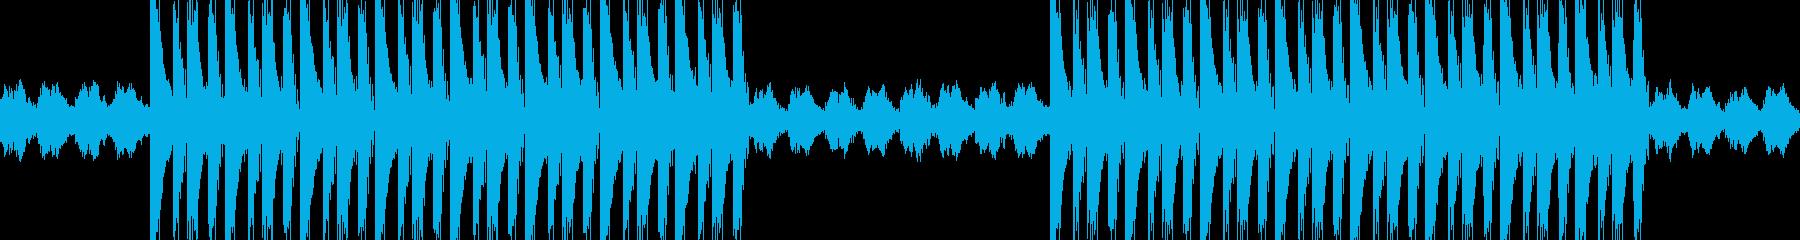 エモい感動系ヒップホップBGMの再生済みの波形